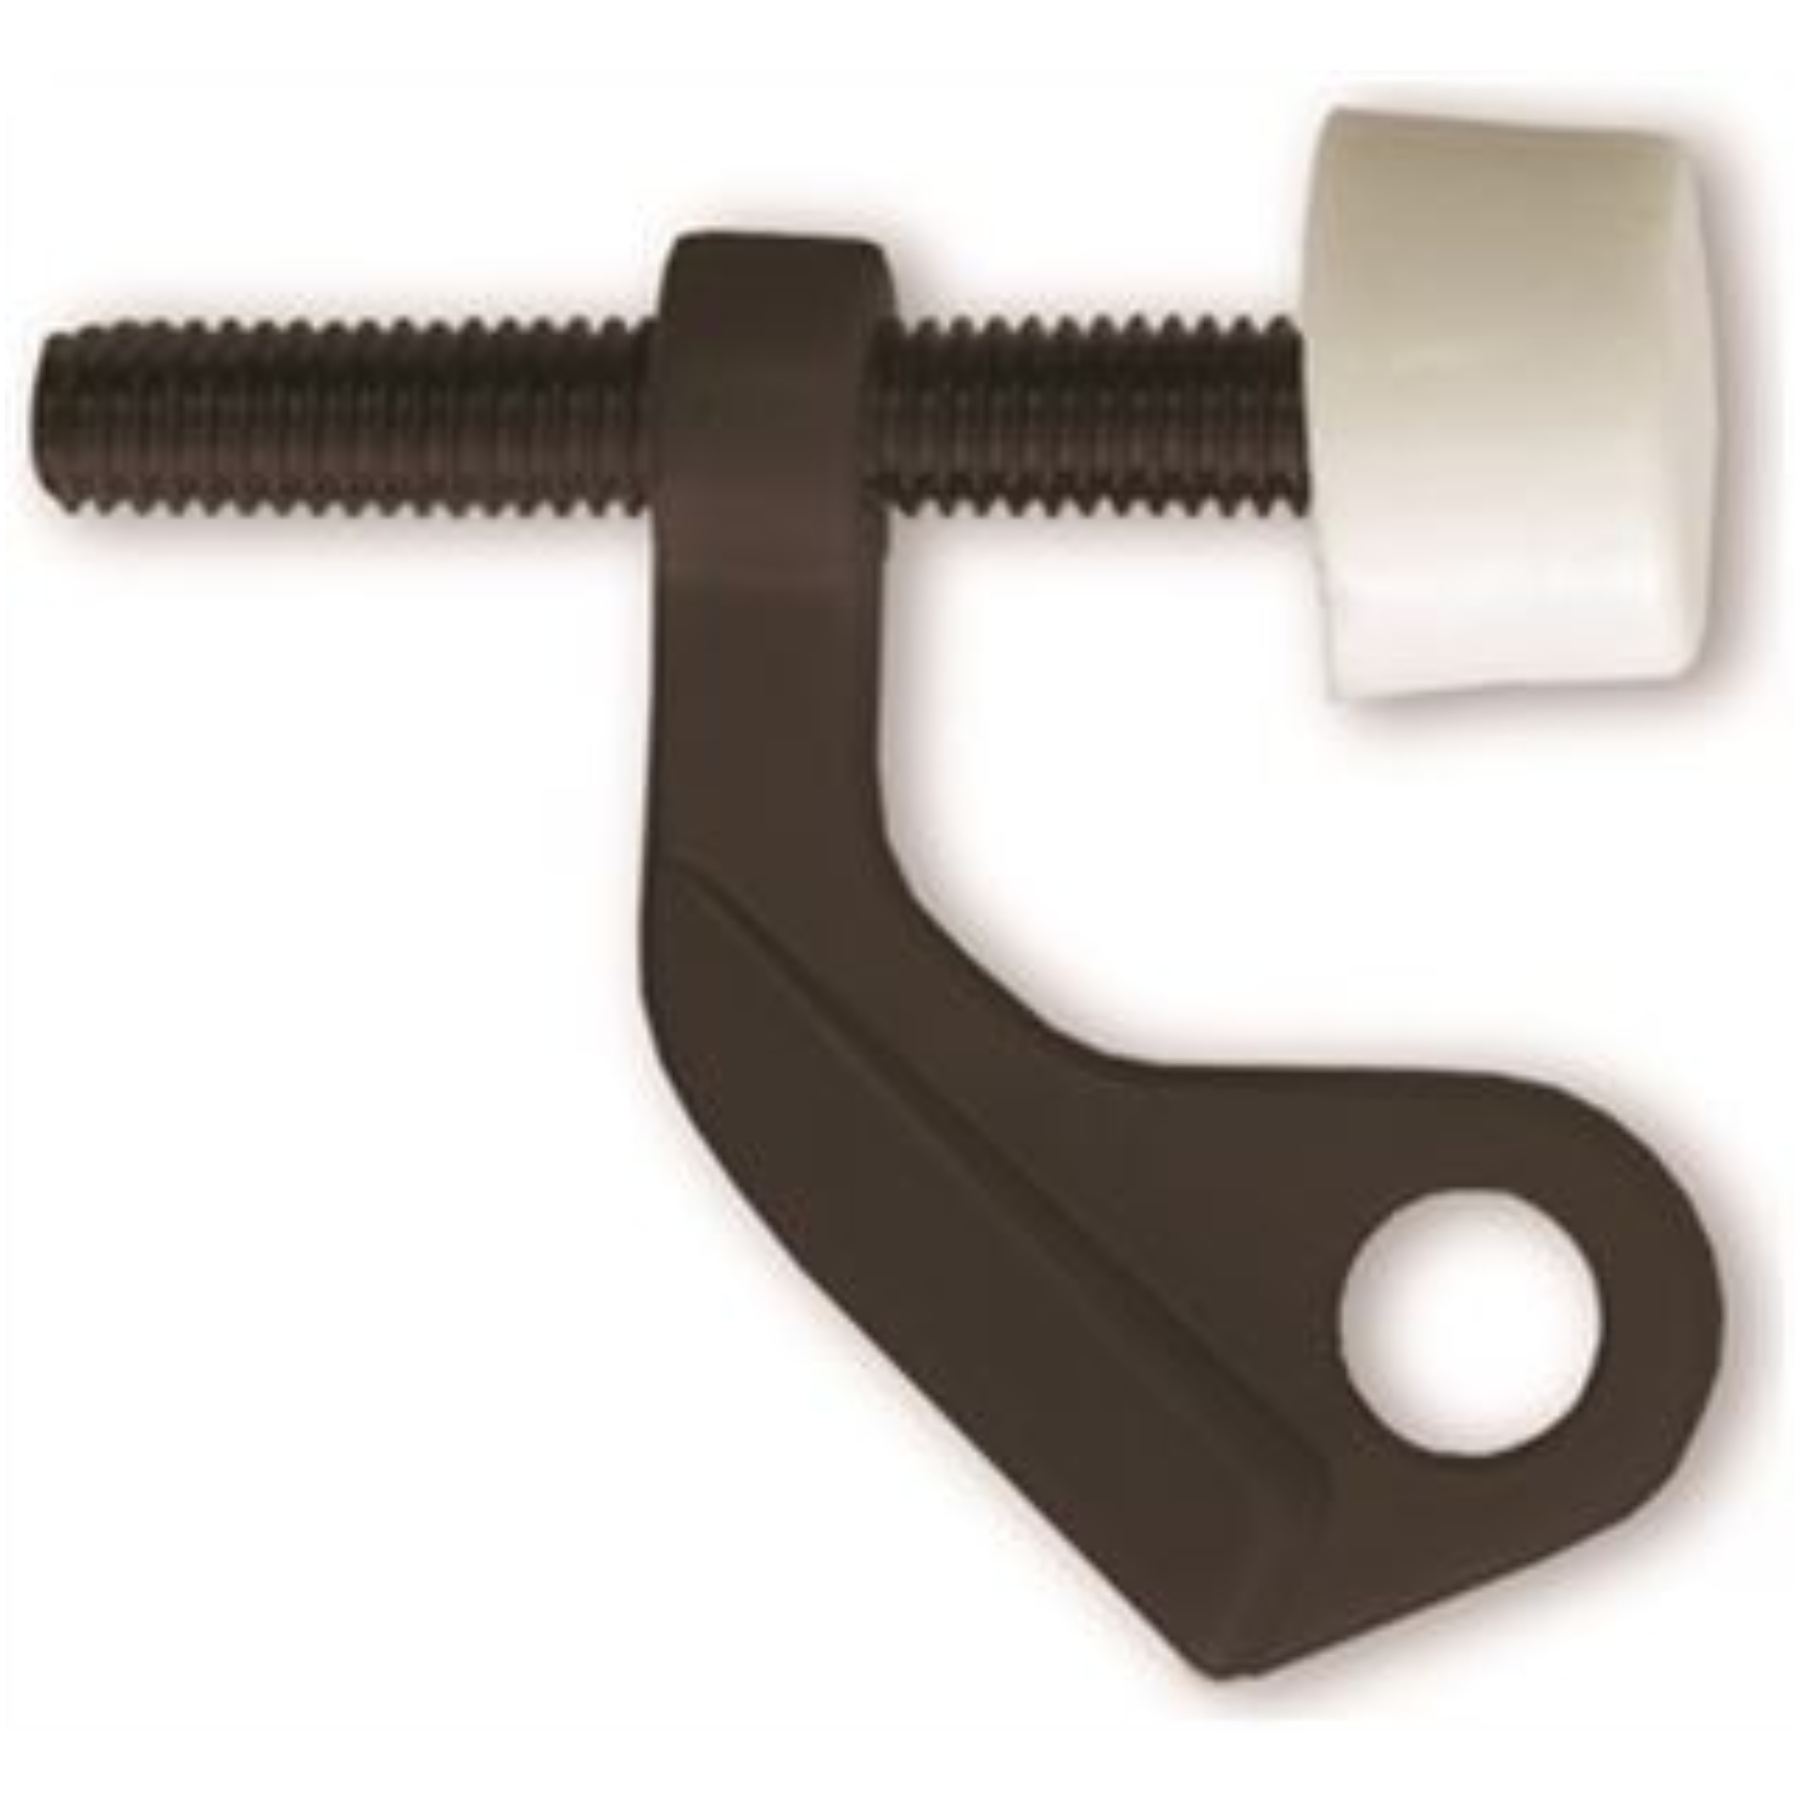 Trimco 1216 Hinge Pin Universal Door Stop, 1-1/2 in H, Oil Rubbed Bronze